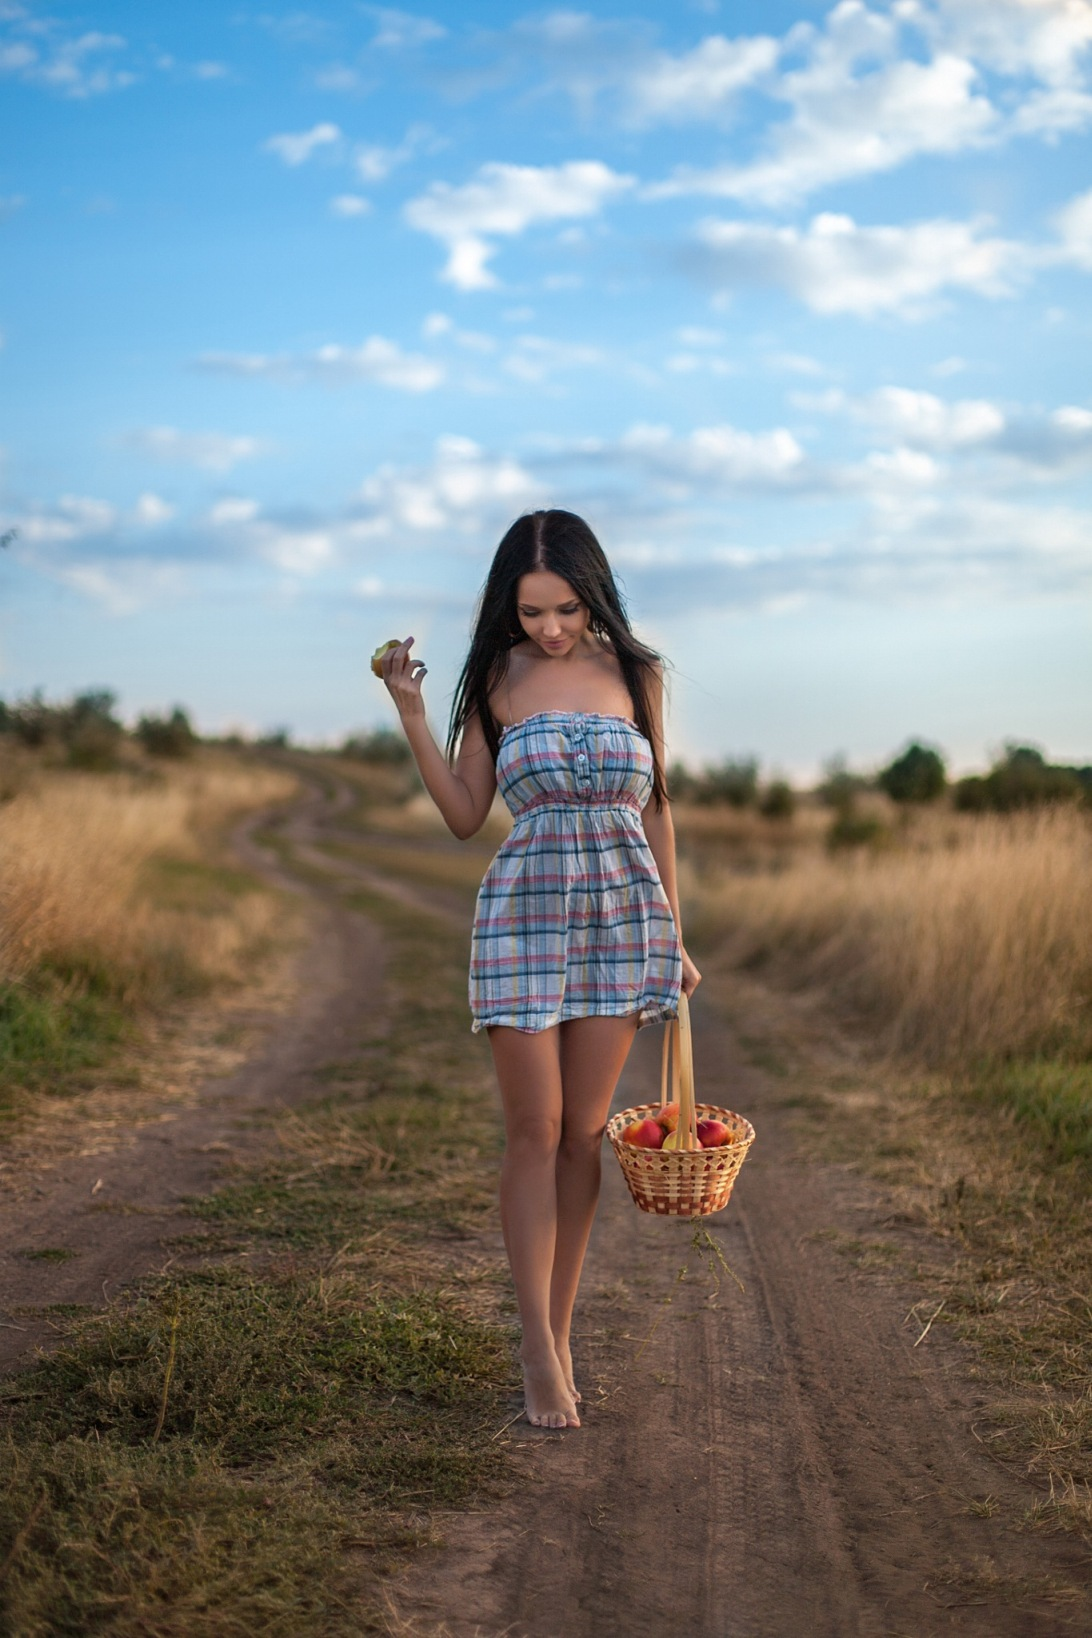 https://mini-skirts.ru/img/18399.jpg